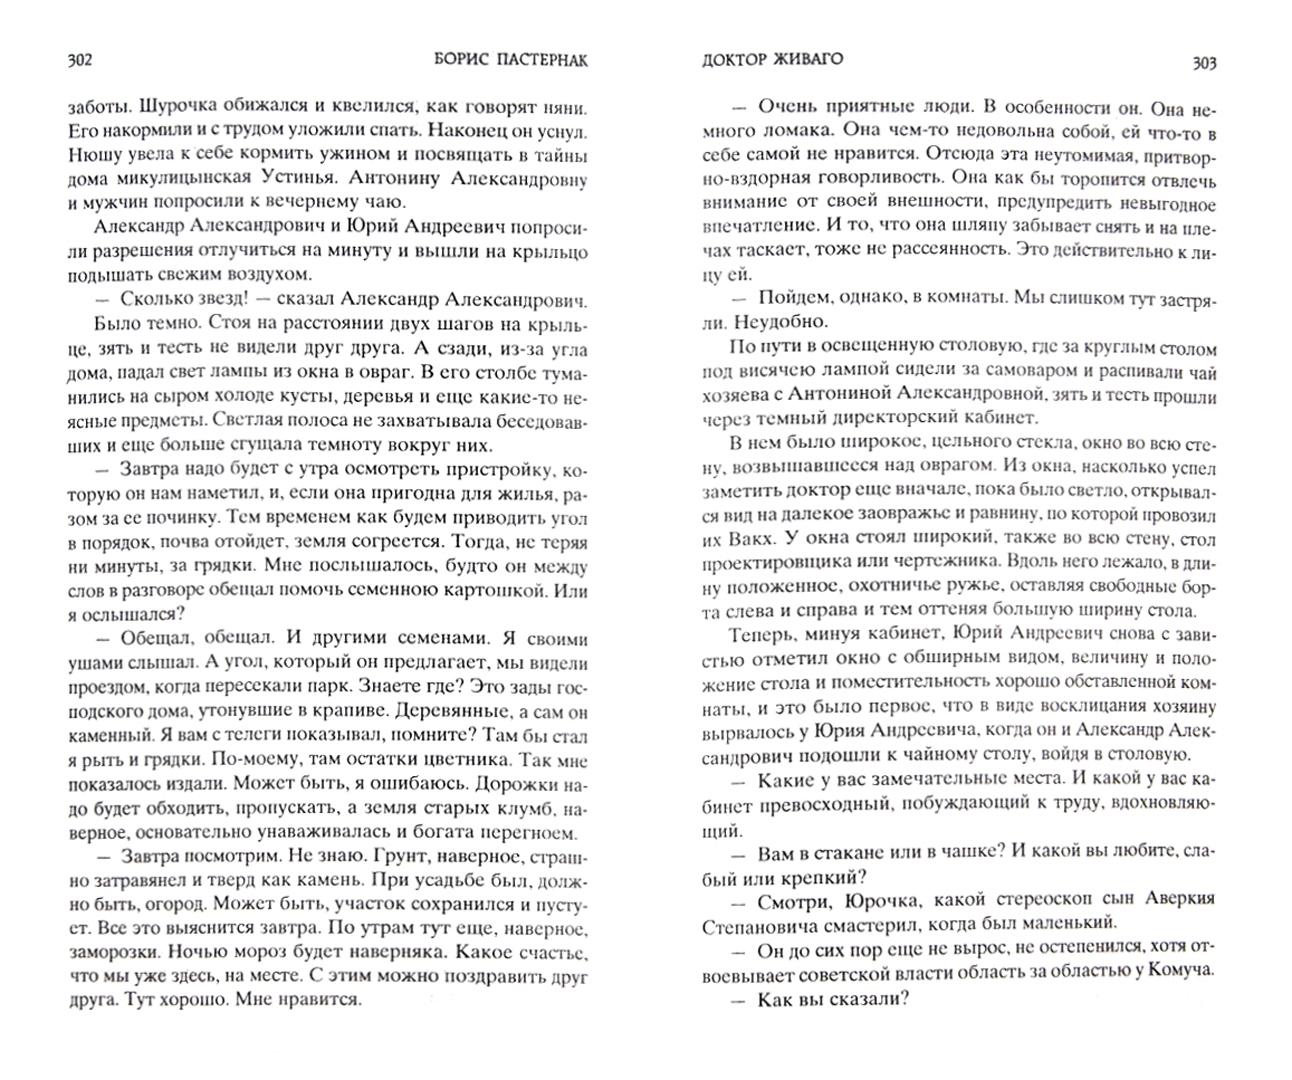 Иллюстрация 1 из 36 для Доктор Живаго - Борис Пастернак   Лабиринт - книги. Источник: Лабиринт